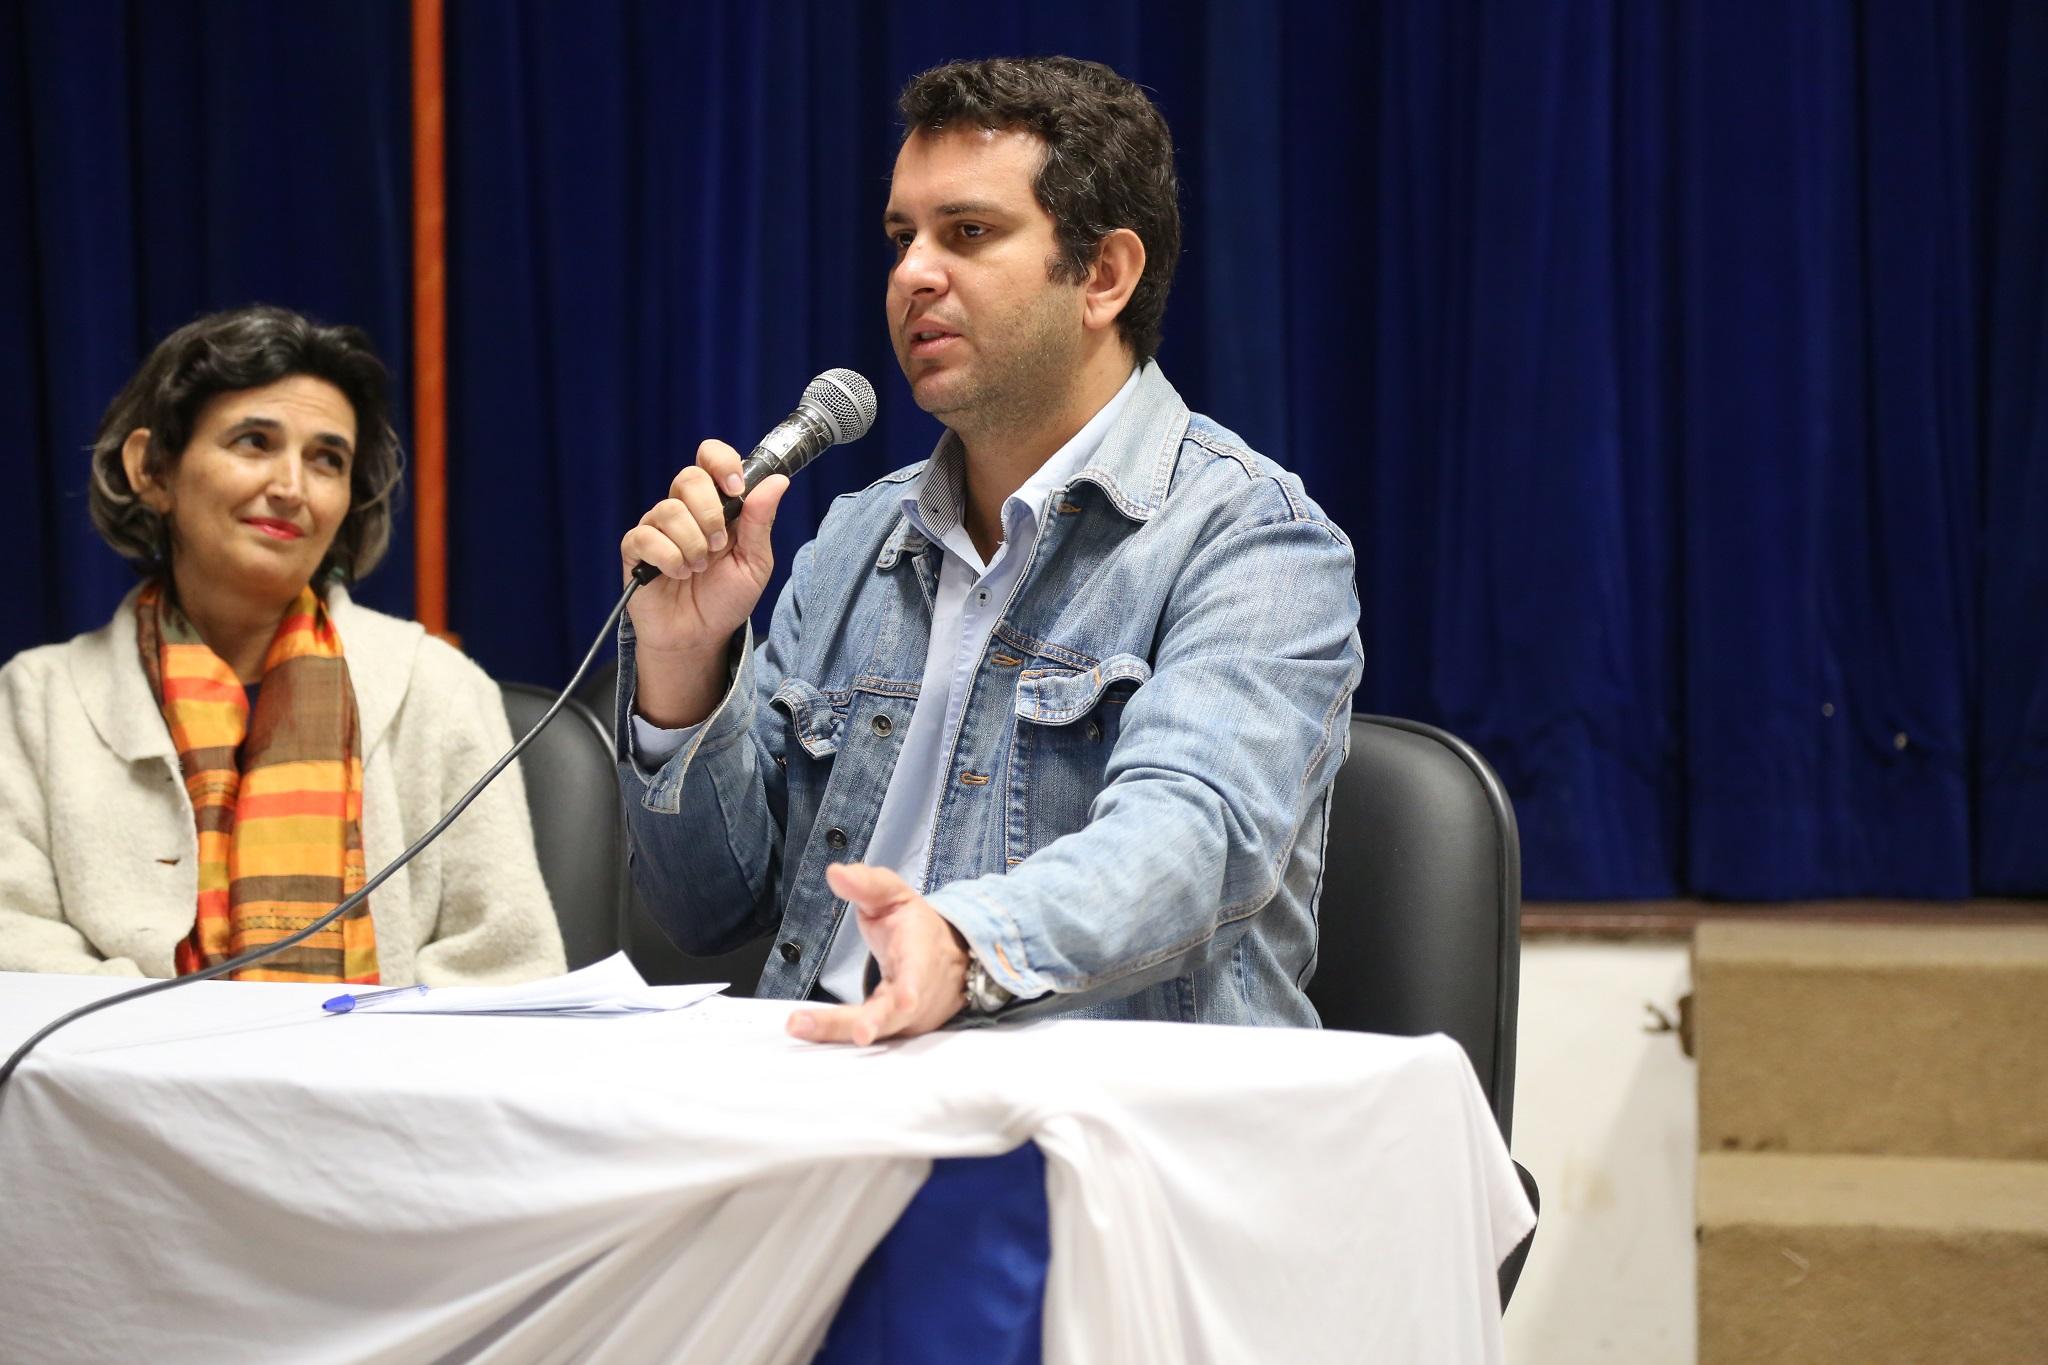 Representante dos técnicos, Marcel Anderson Novais